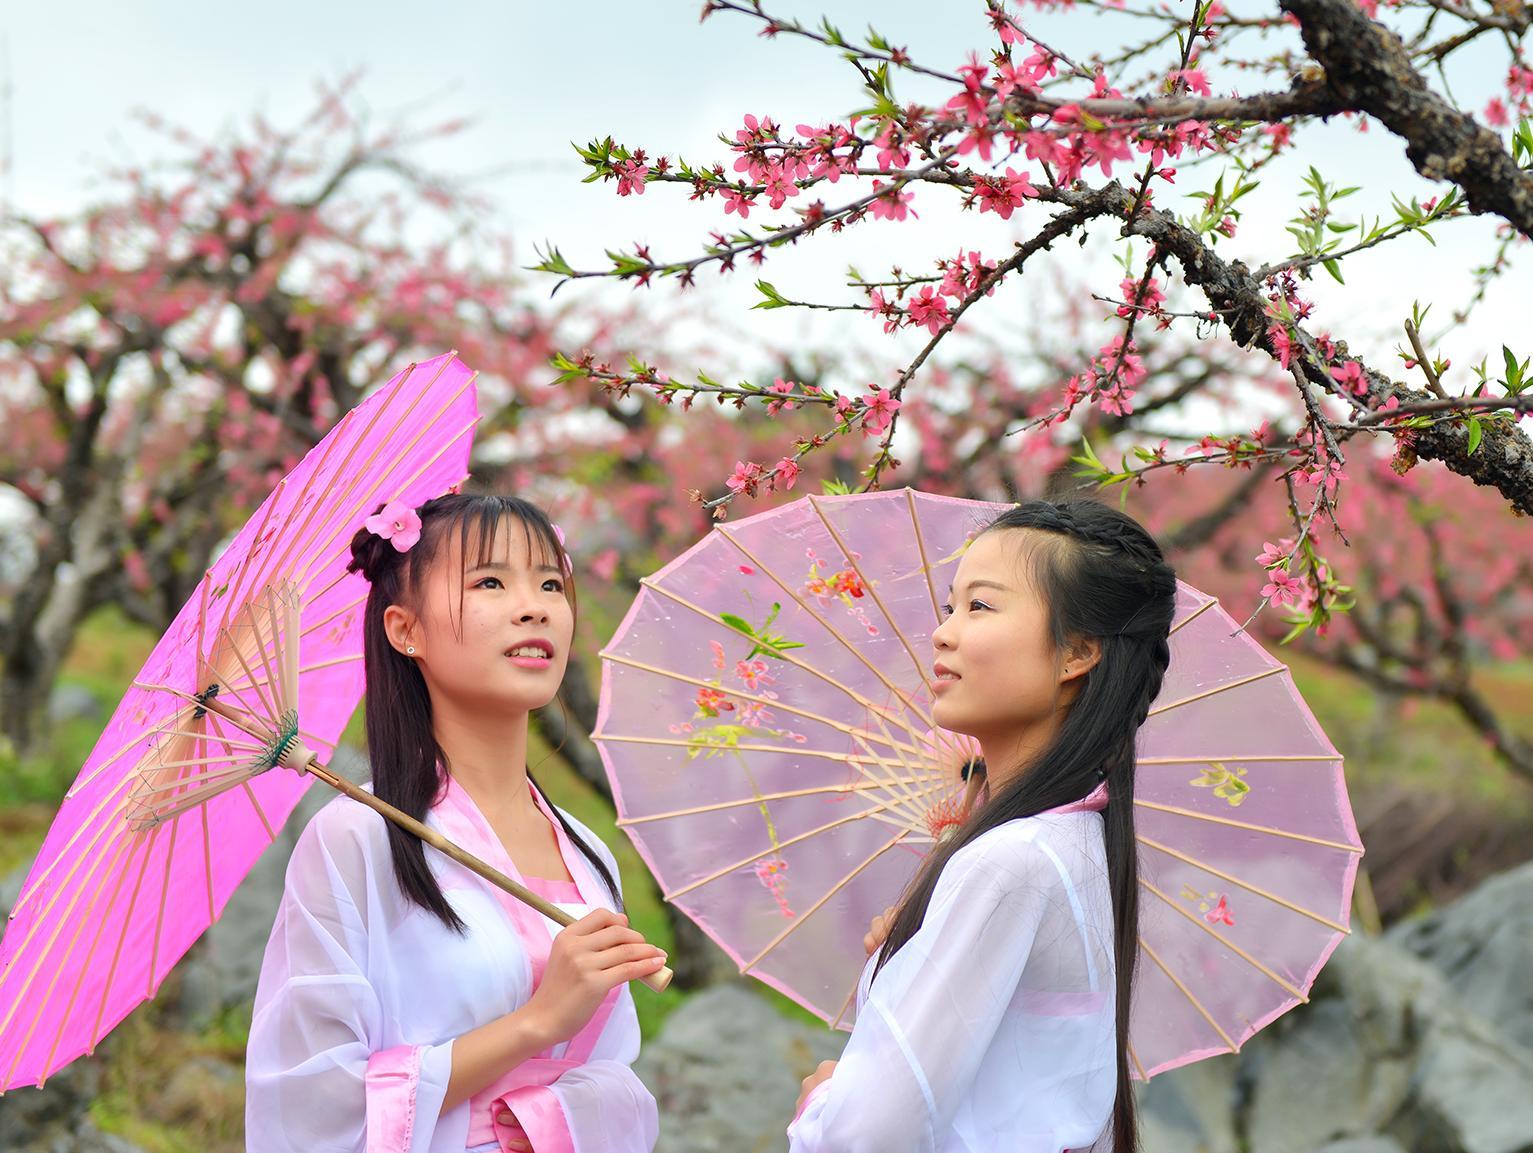 连州桃花节,天降仙女